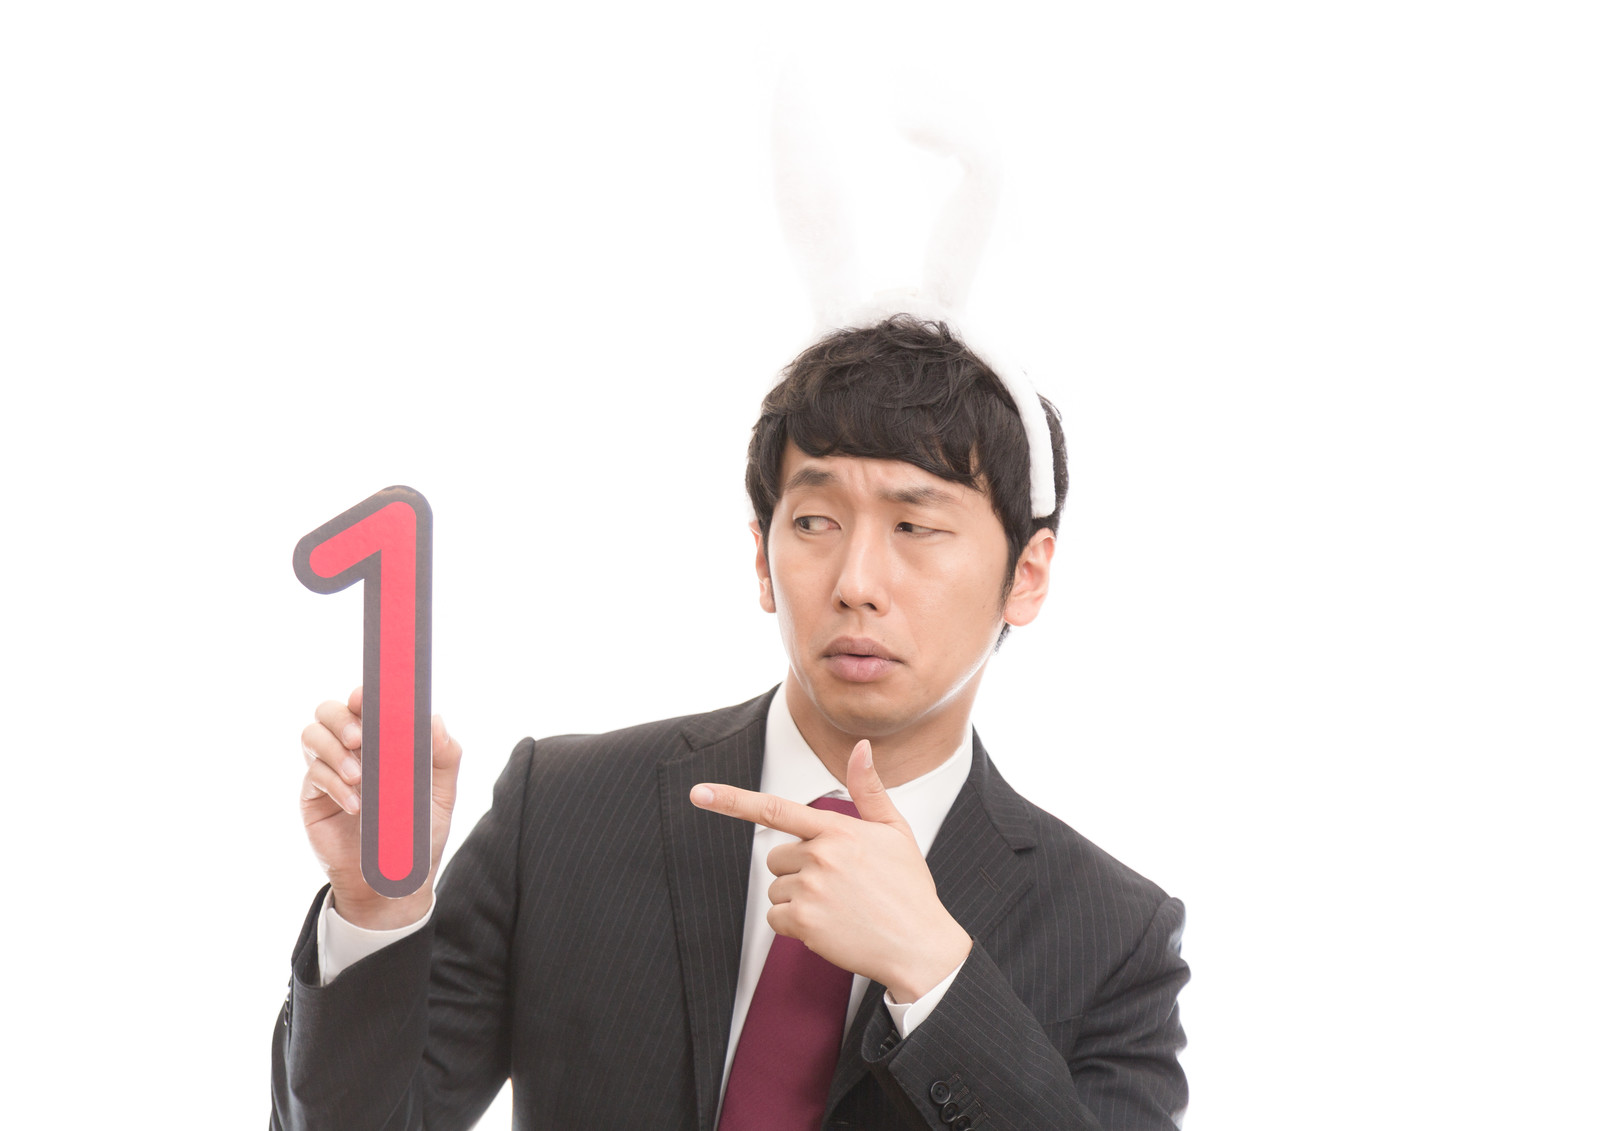 「マイナンバーを気にするうさ耳男子」の写真[モデル:大川竜弥]